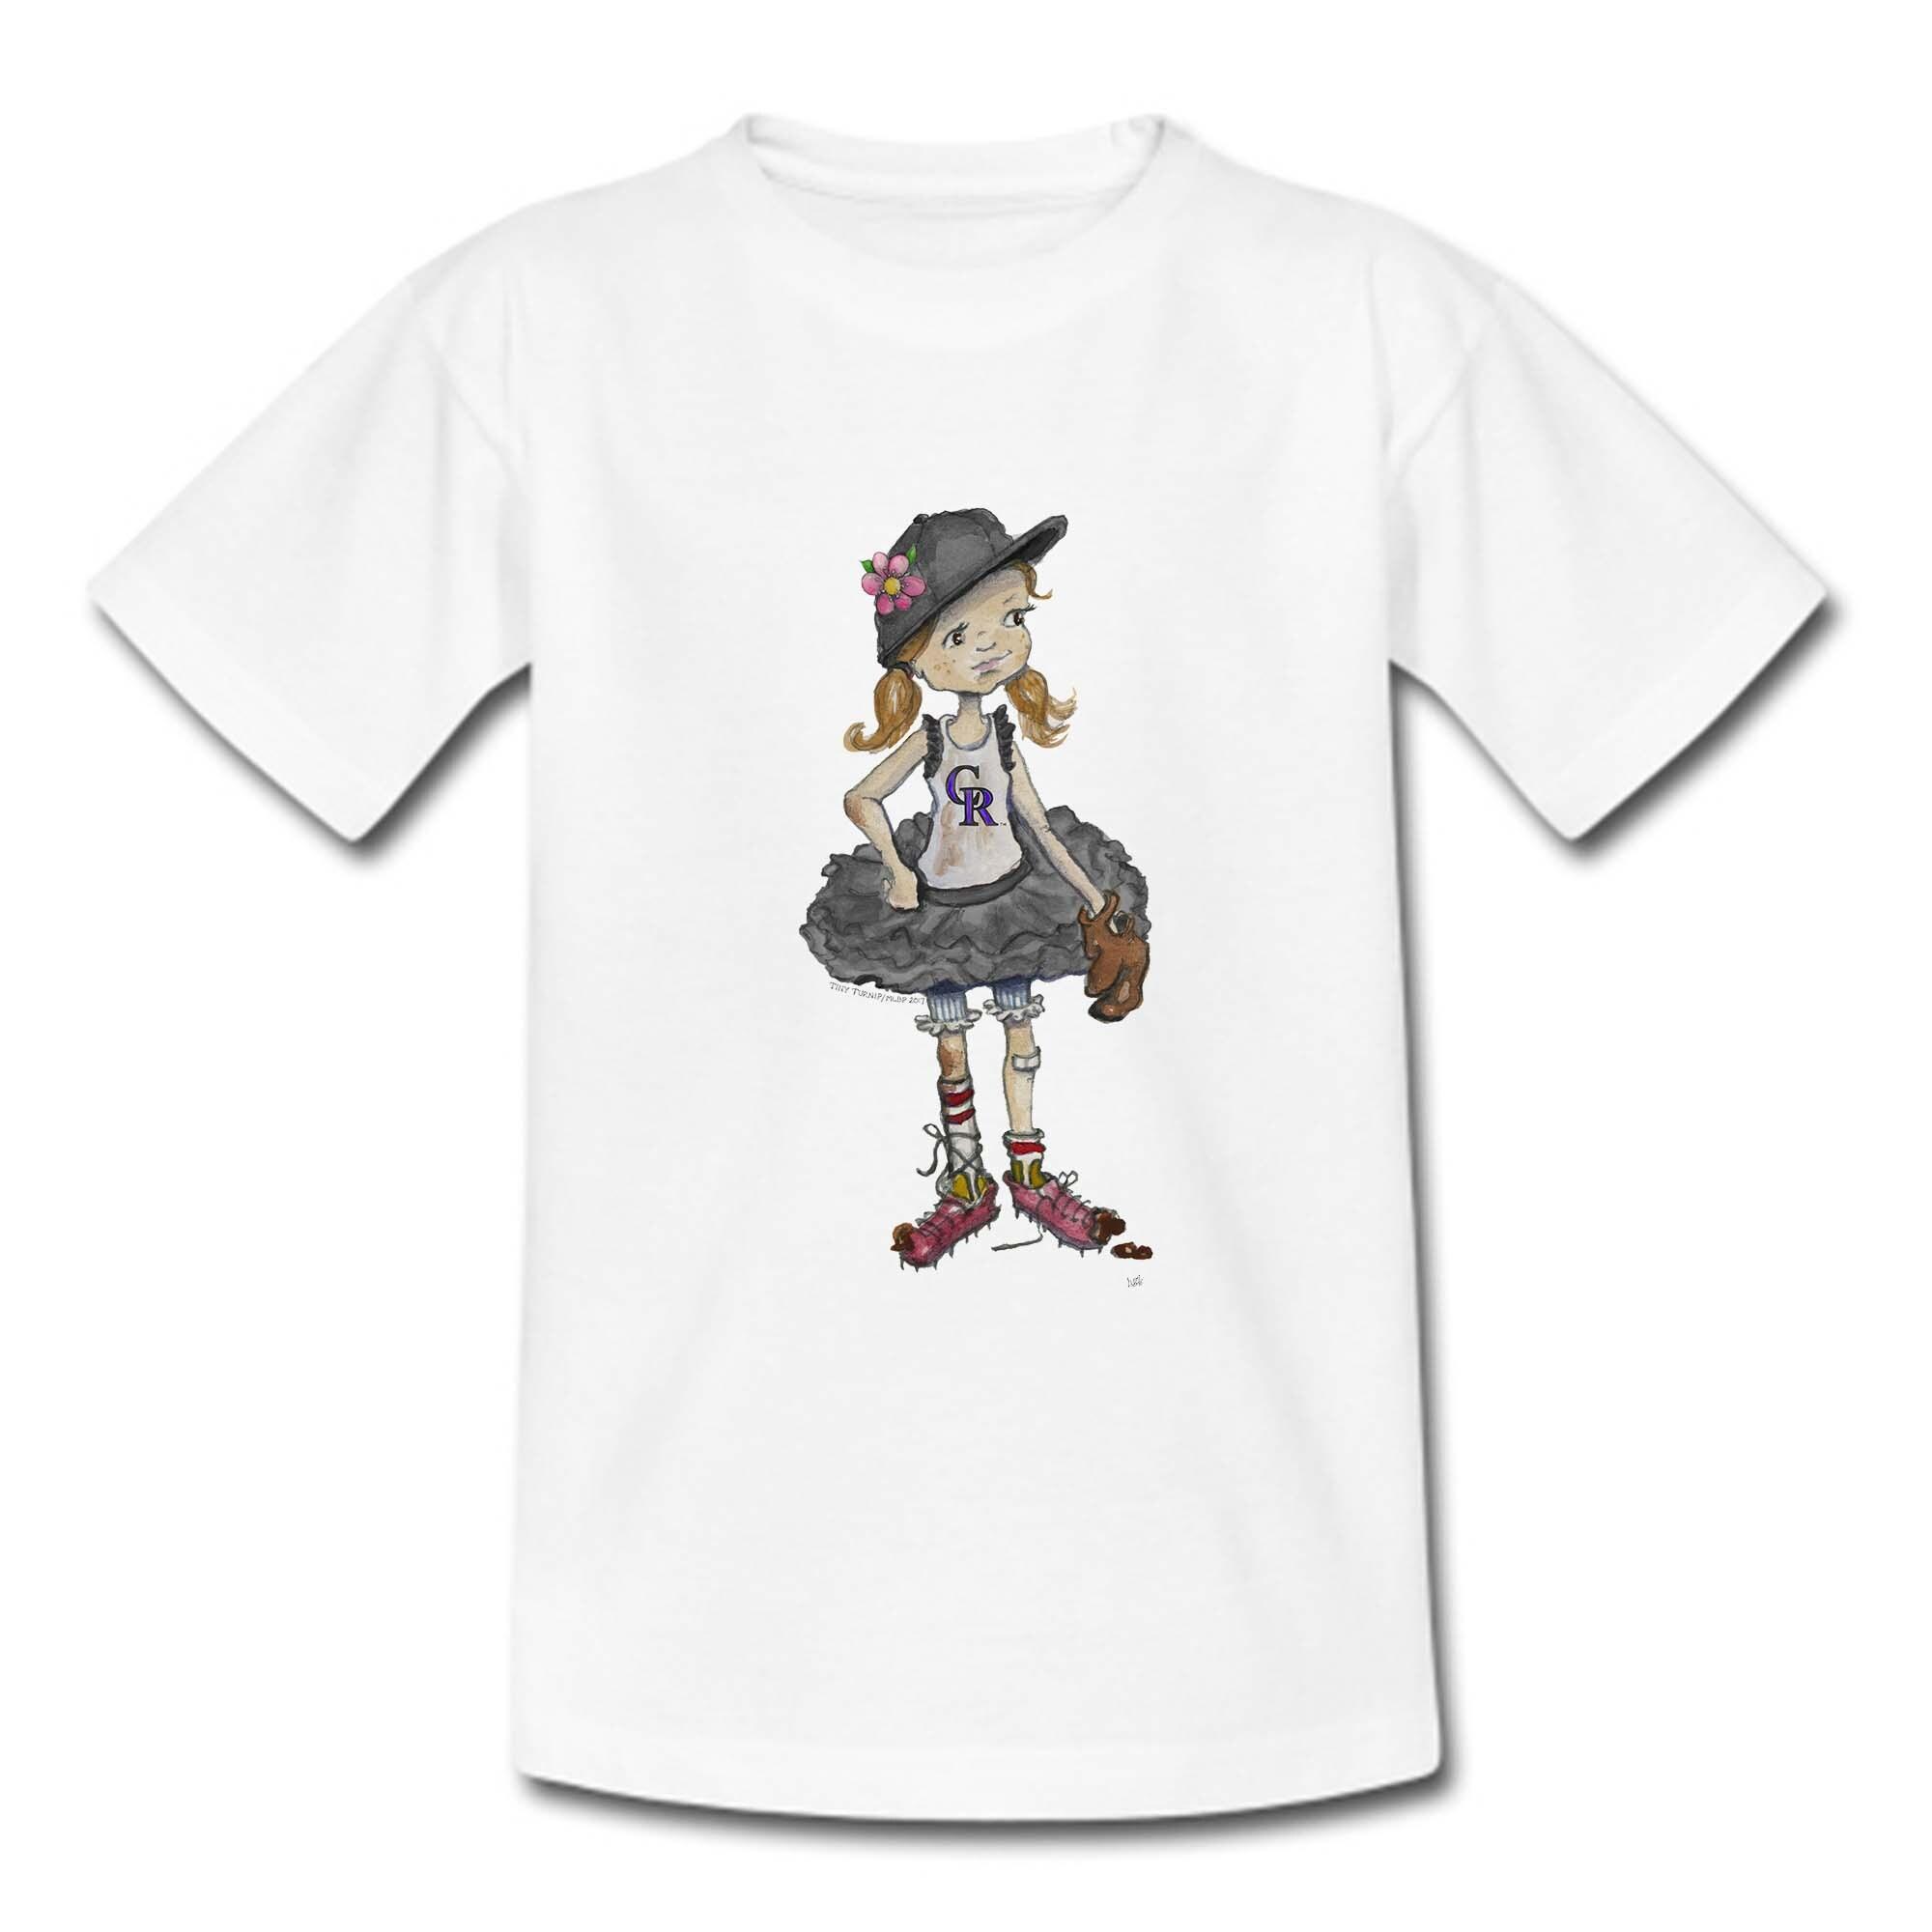 Girls Toddler Colorado Rockies Tiny Turnip Babes T-Shirt - White